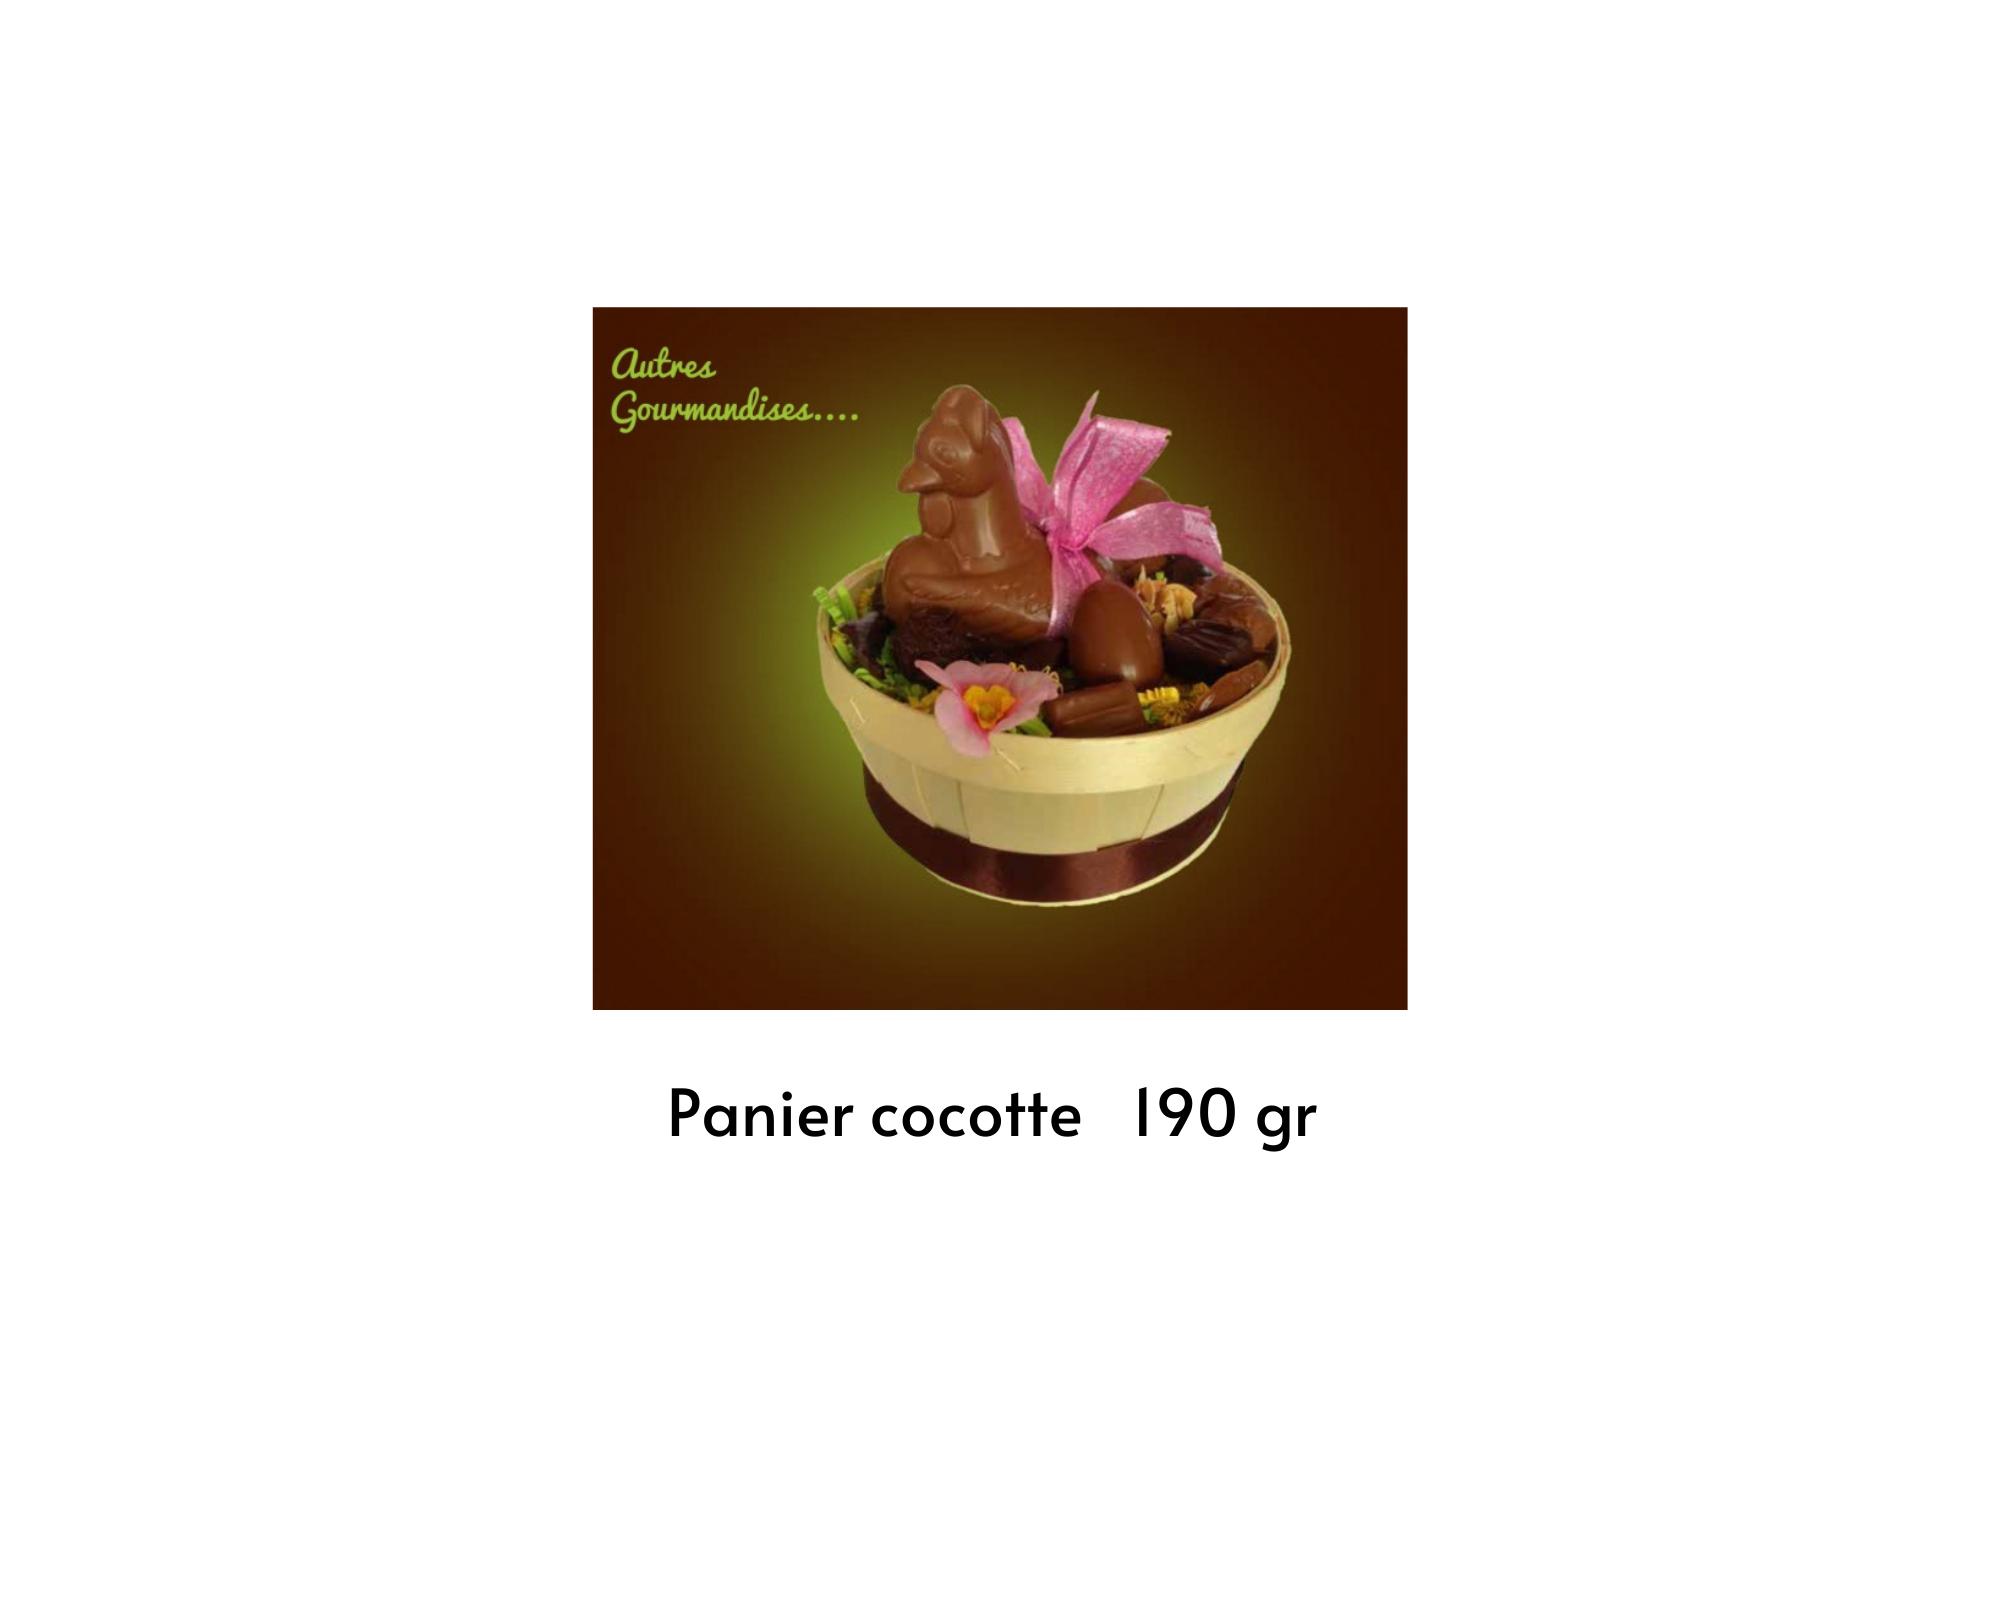 Panier cocotte